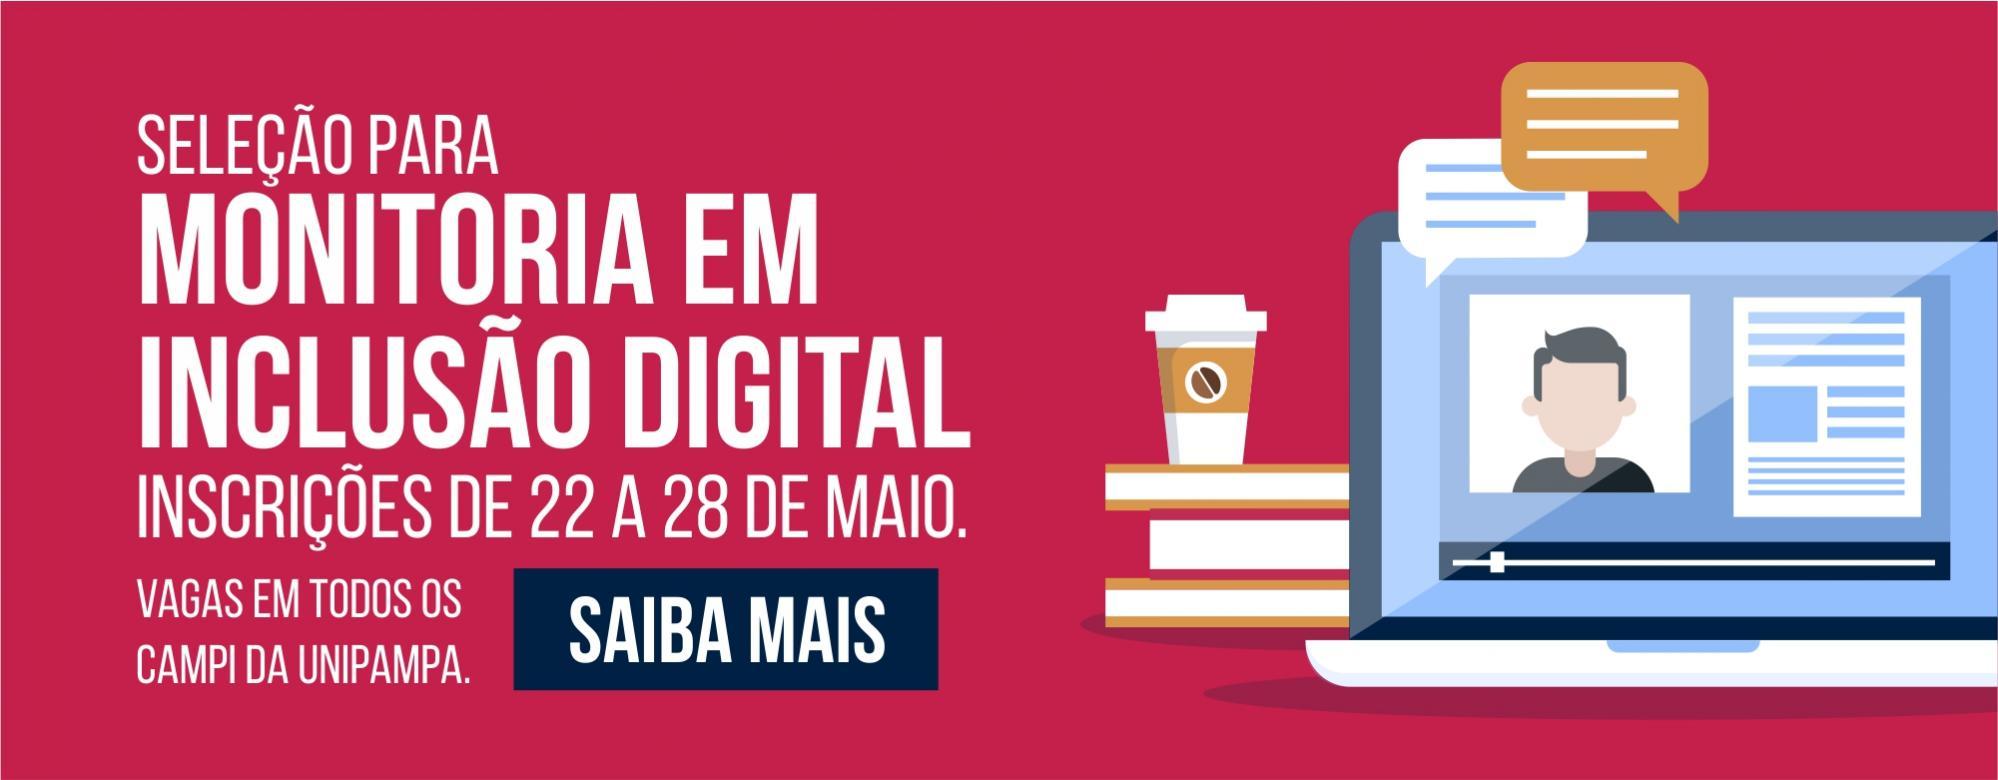 Banner publicitário anunciando a seleção para monitoria de inclusão digital.